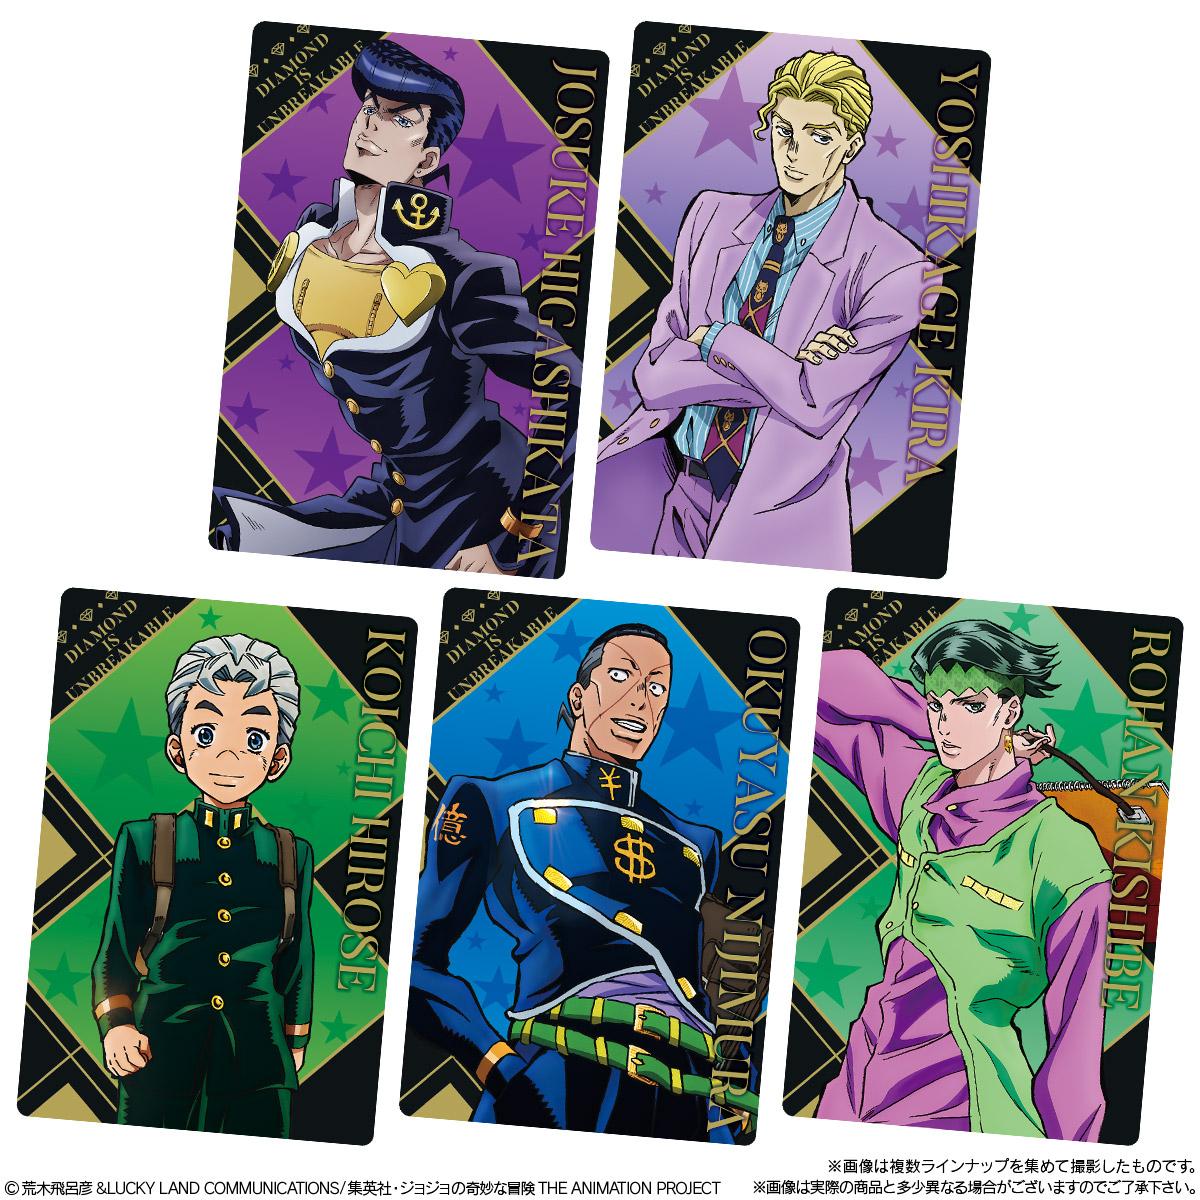 【食玩】ジョジョ『ジョジョの奇妙な冒険 ウエハース ~The Animation Special~』20個入りBOX-005